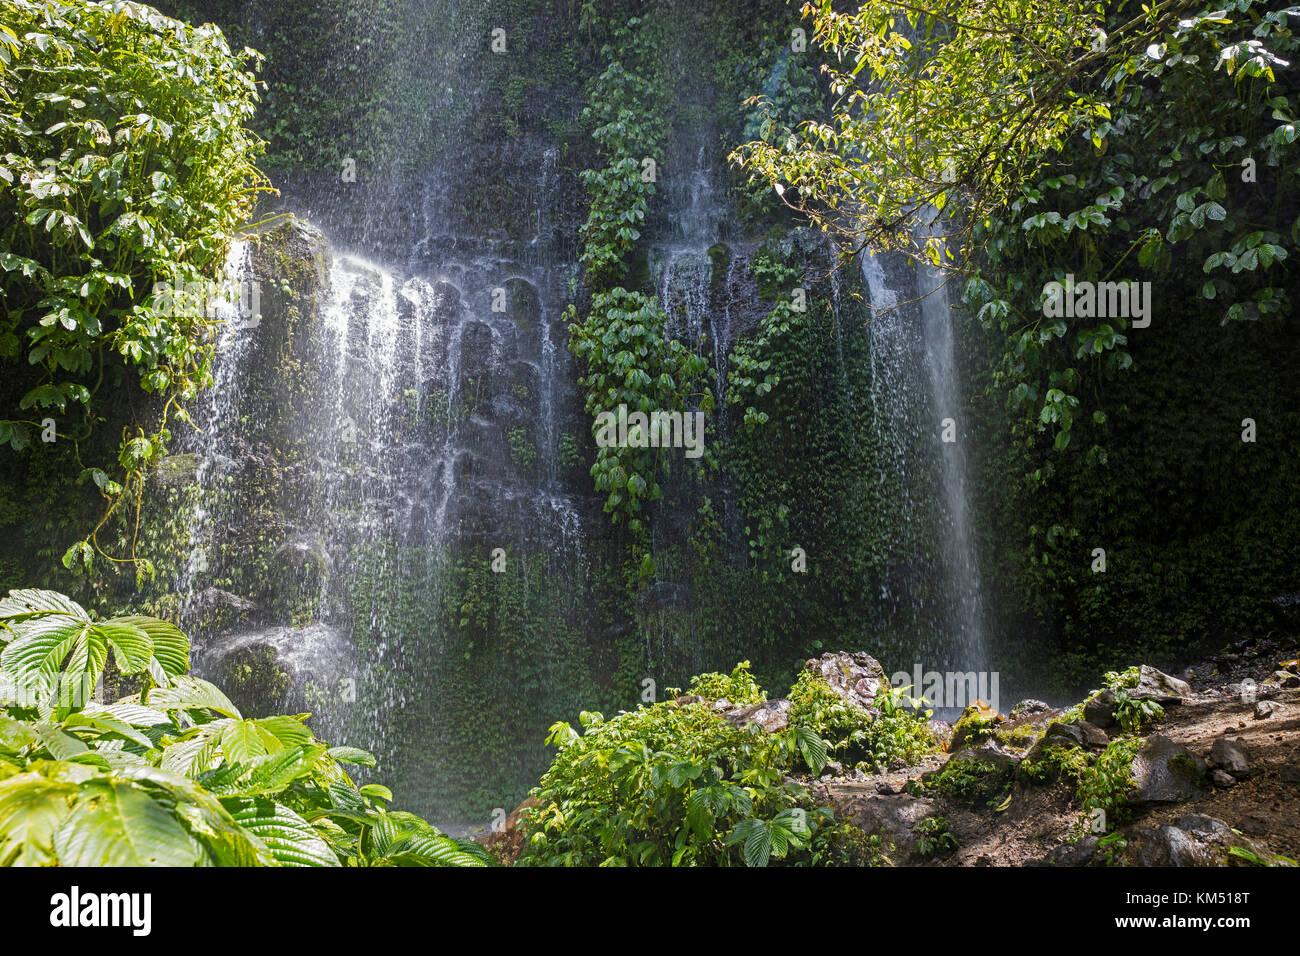 Kelambu benang cascade dans la forêt tropicale près du village aik berik, batukliang nord, centrale de Photo Stock